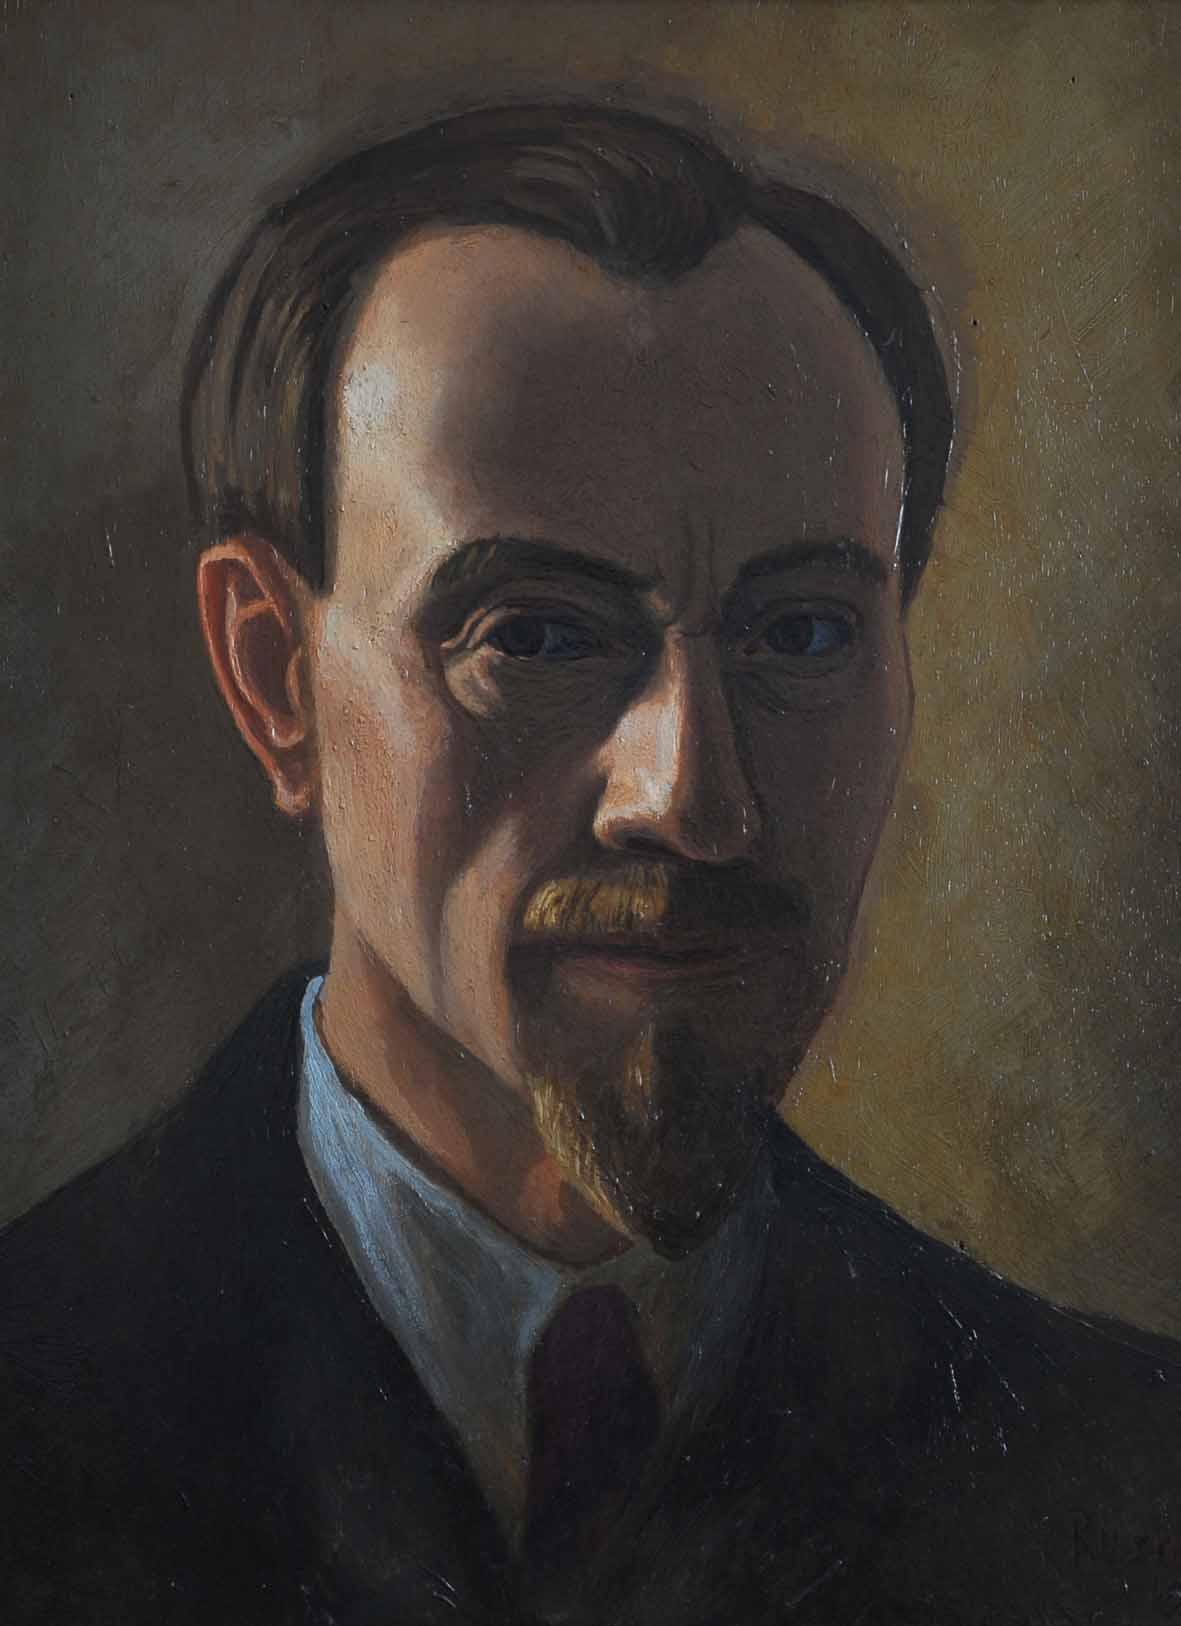 Luigi Russolo, Autoritratto. Olio su tela. 1941. Foto di Renato Piccolo